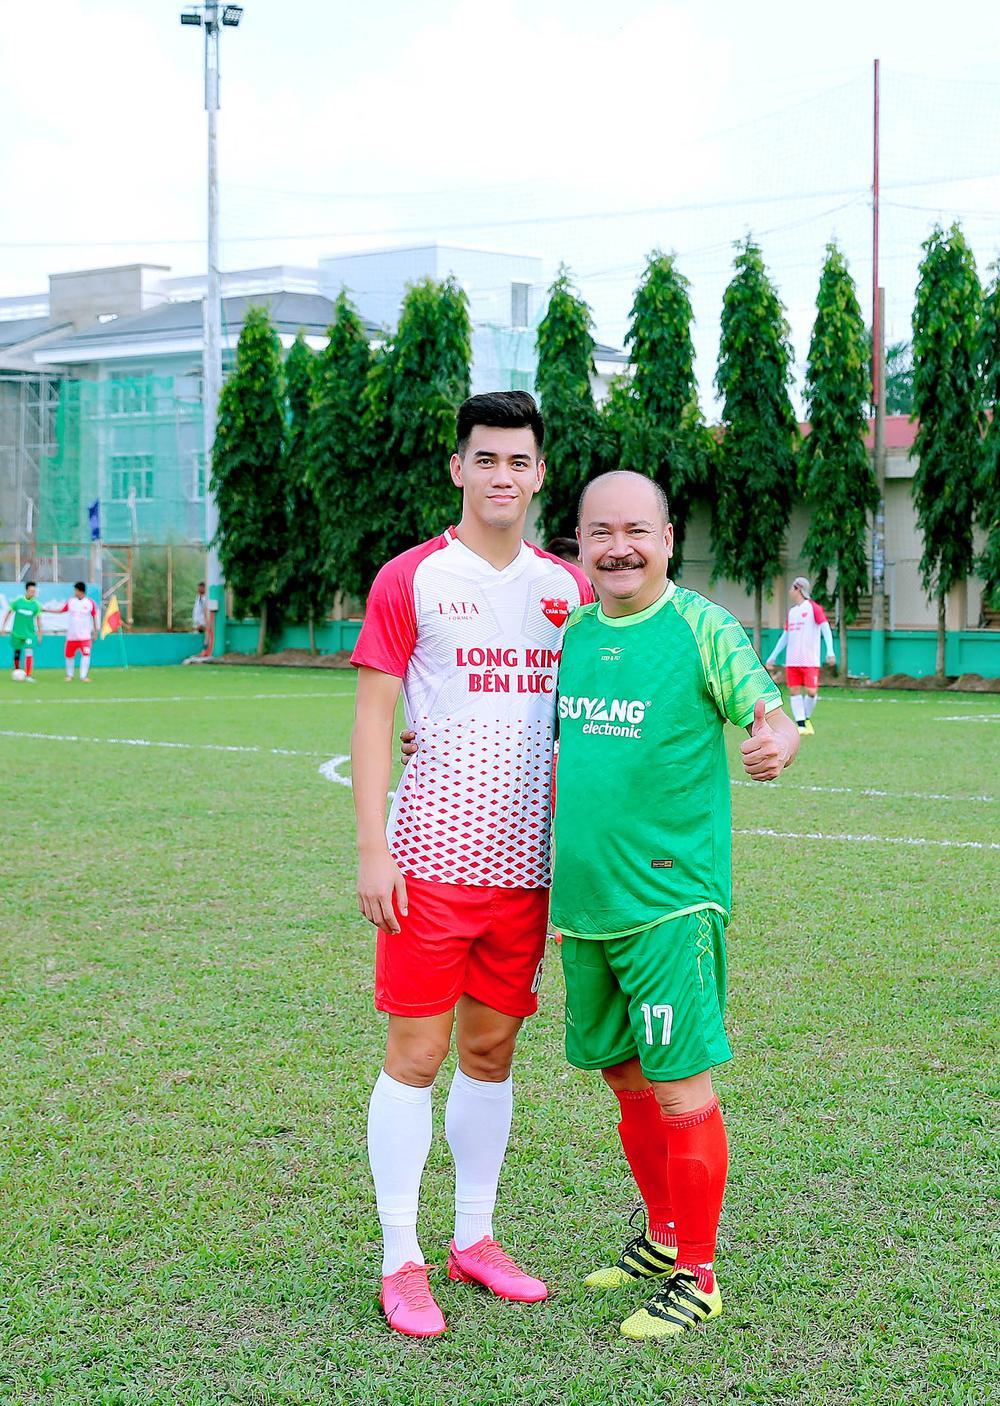 Lâm Vũ, Hoàng Sơn tổ chức trận bóng gây quỹ, quyên góp hơn 300 triệu ủng hộ miền Trung Ảnh 1